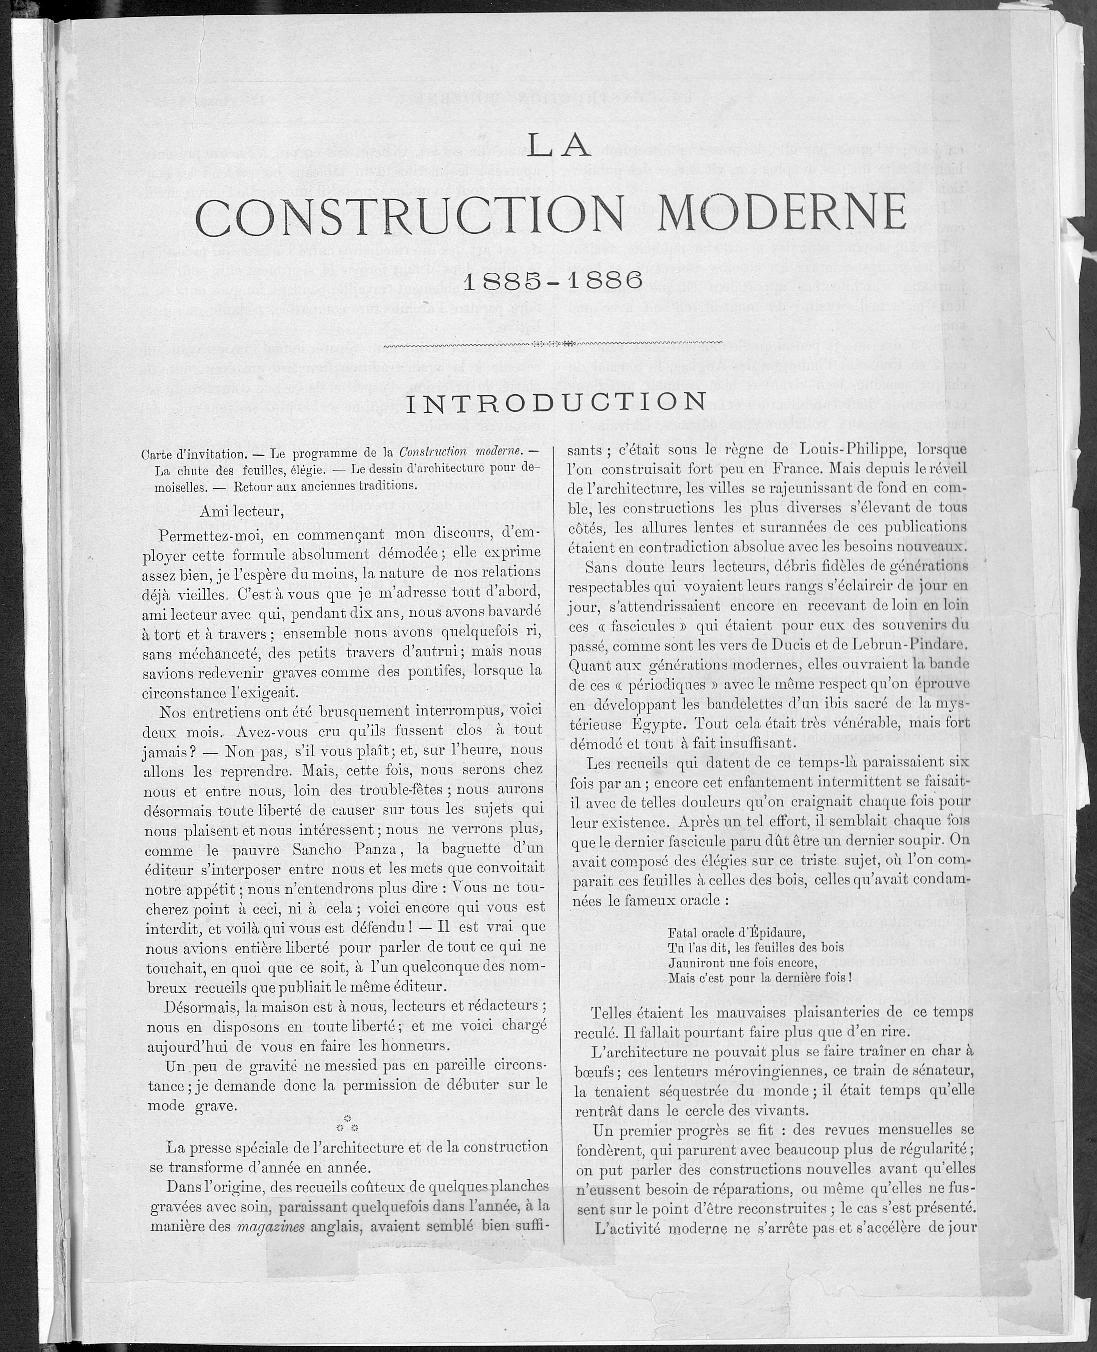 La Construction moderne, no. 1, 1885 |